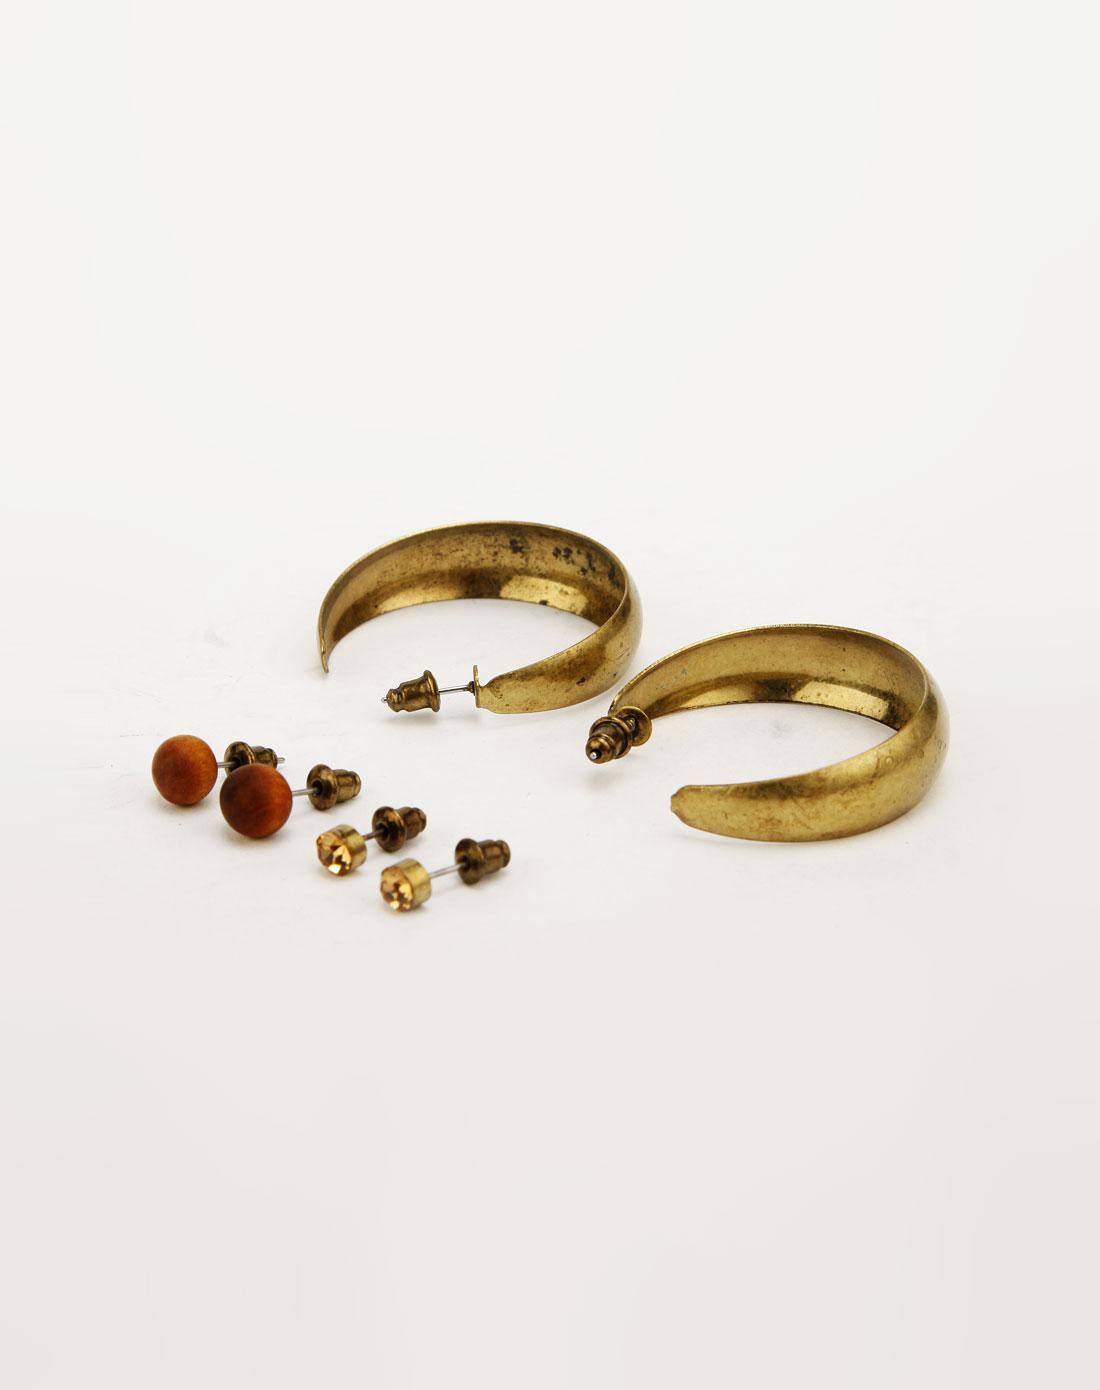 twice金/啡色木珠耳钉c环耳环套装